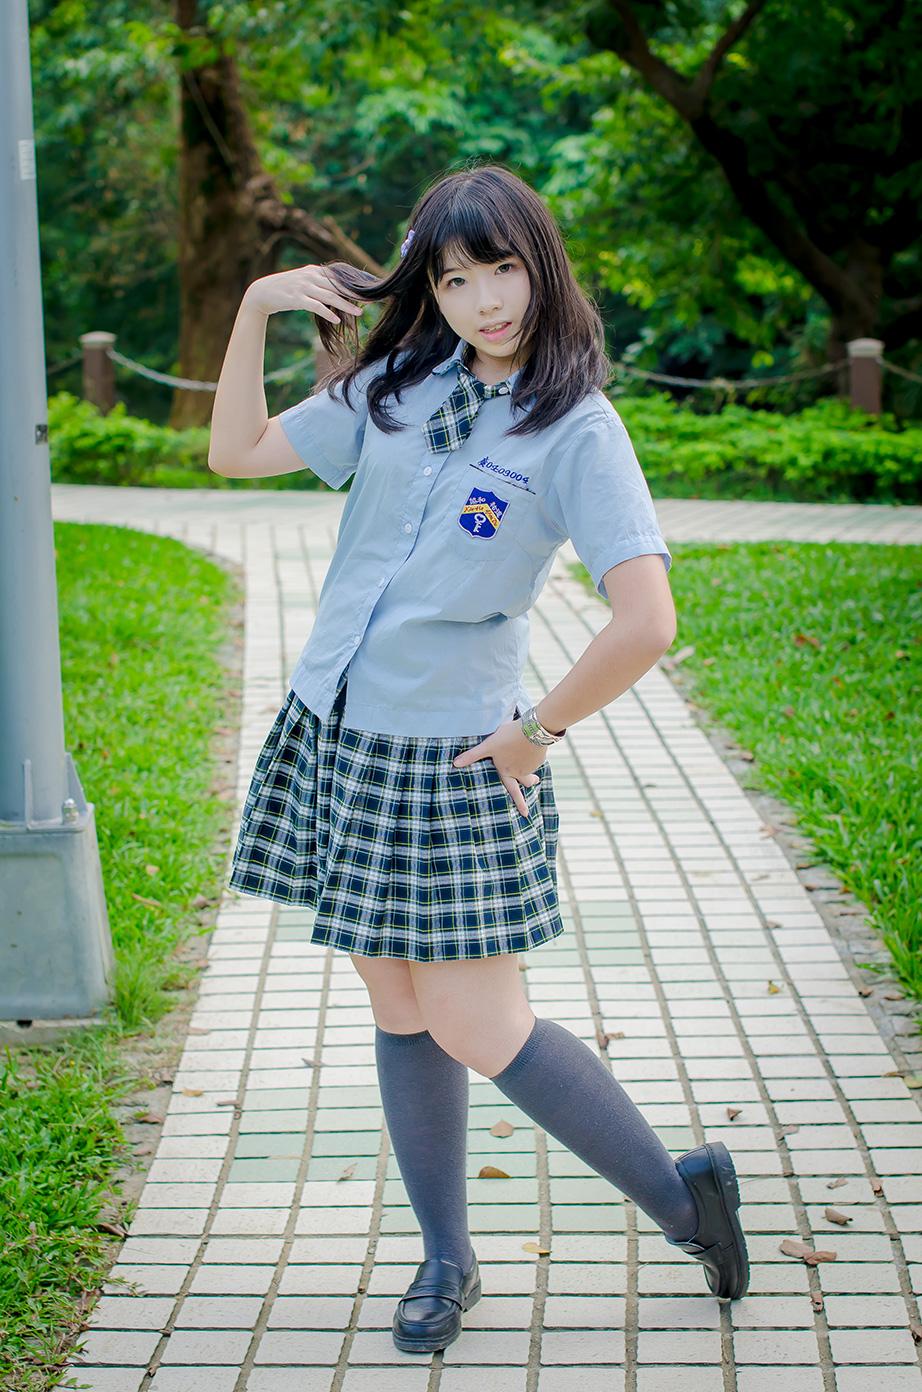 臺灣高校 臺北市 學校列表 | Uniform Map 制服地圖